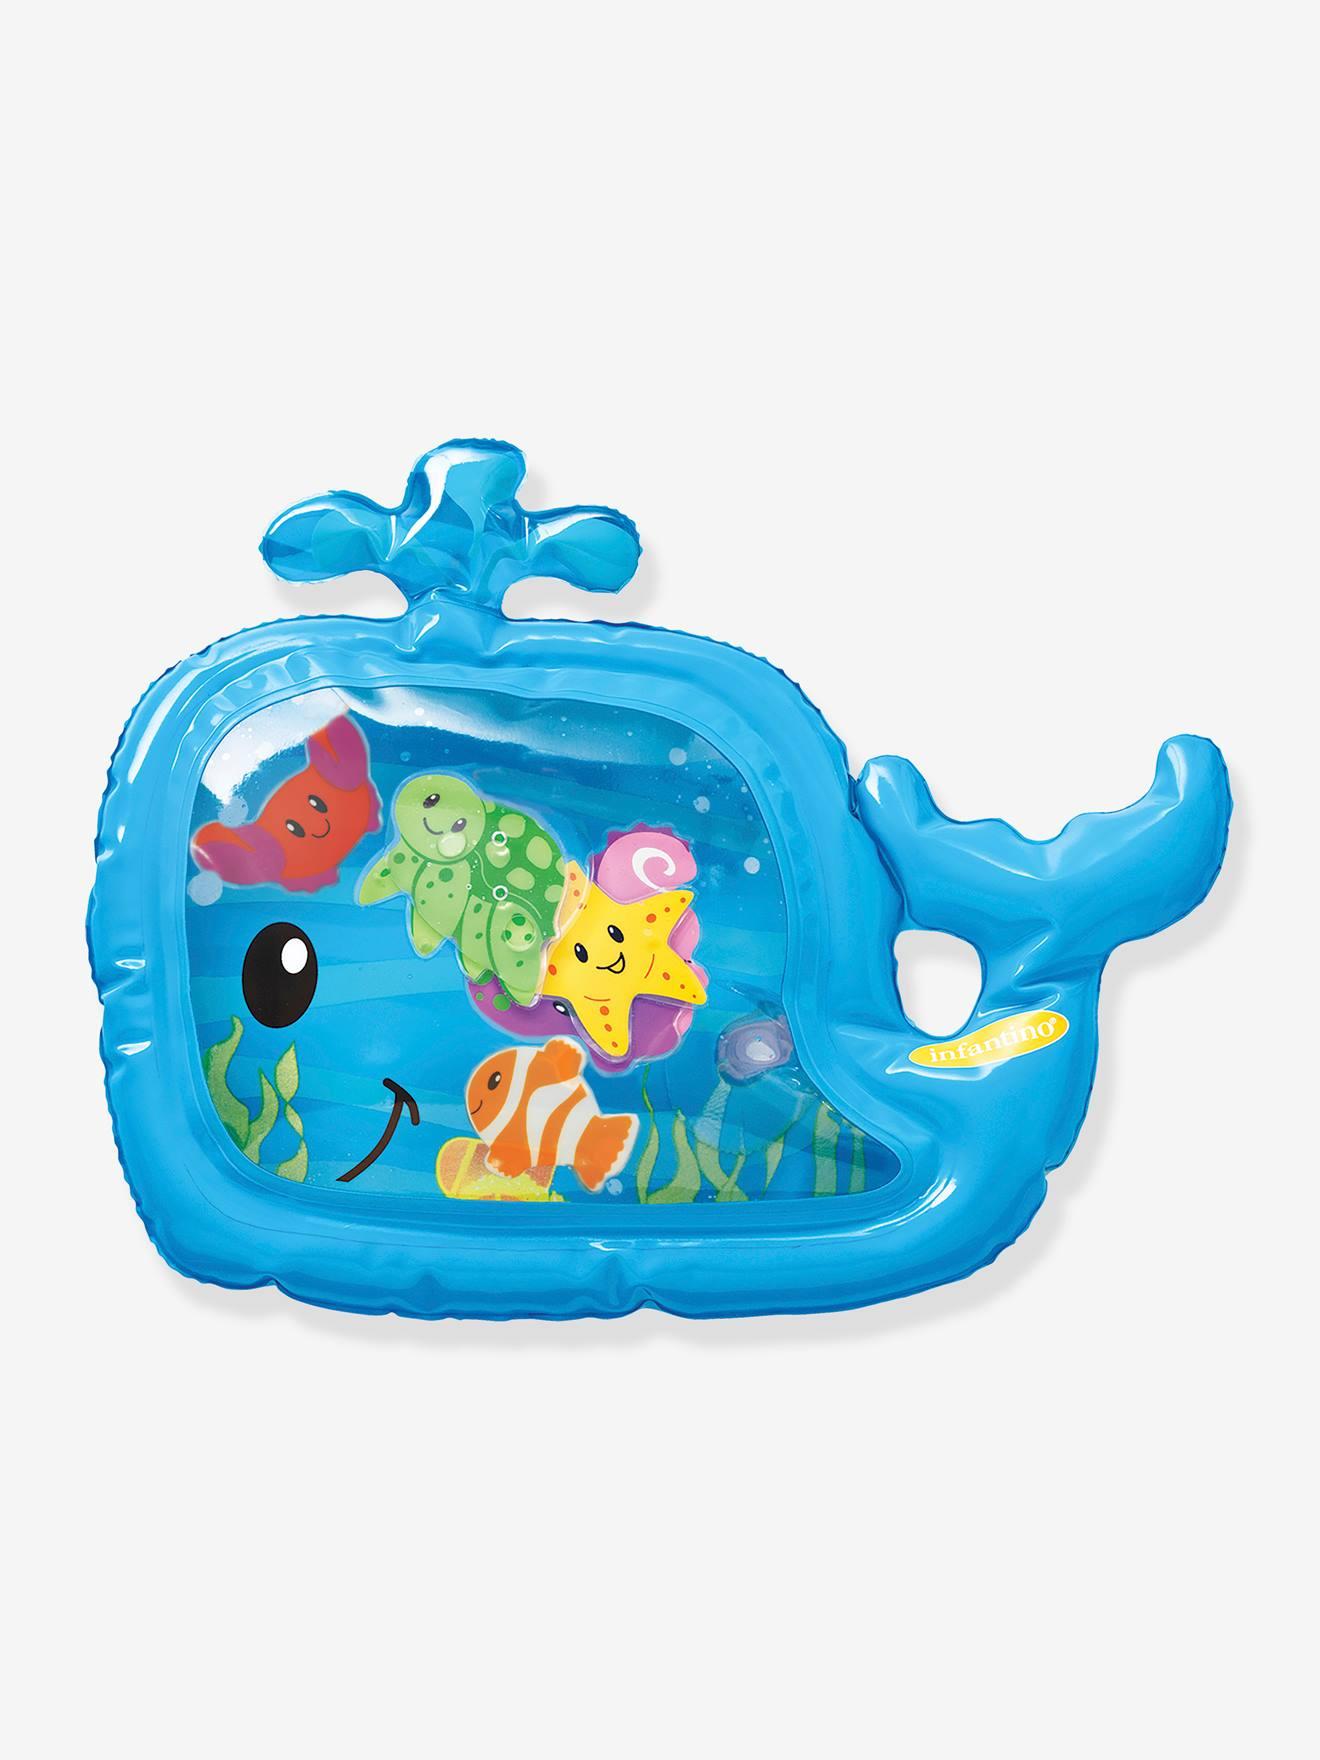 Tapis à eau sensoriel INFANTINO bleu